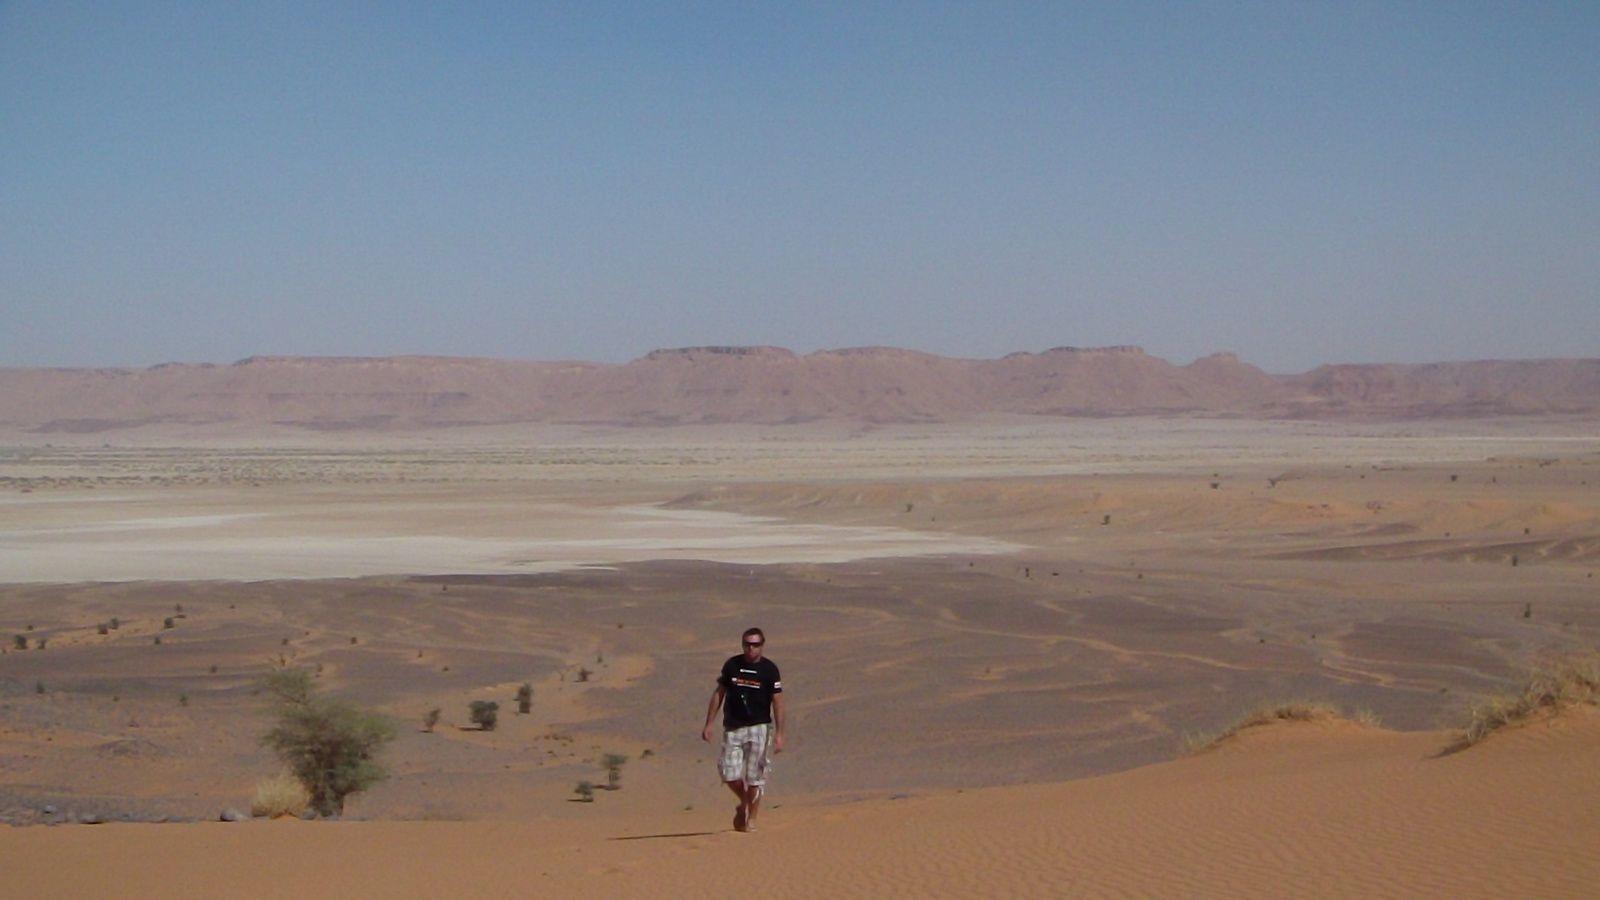 Retour des recos du Morocco Sand Express notre rallye raid du 11 au 17 octobre 2014